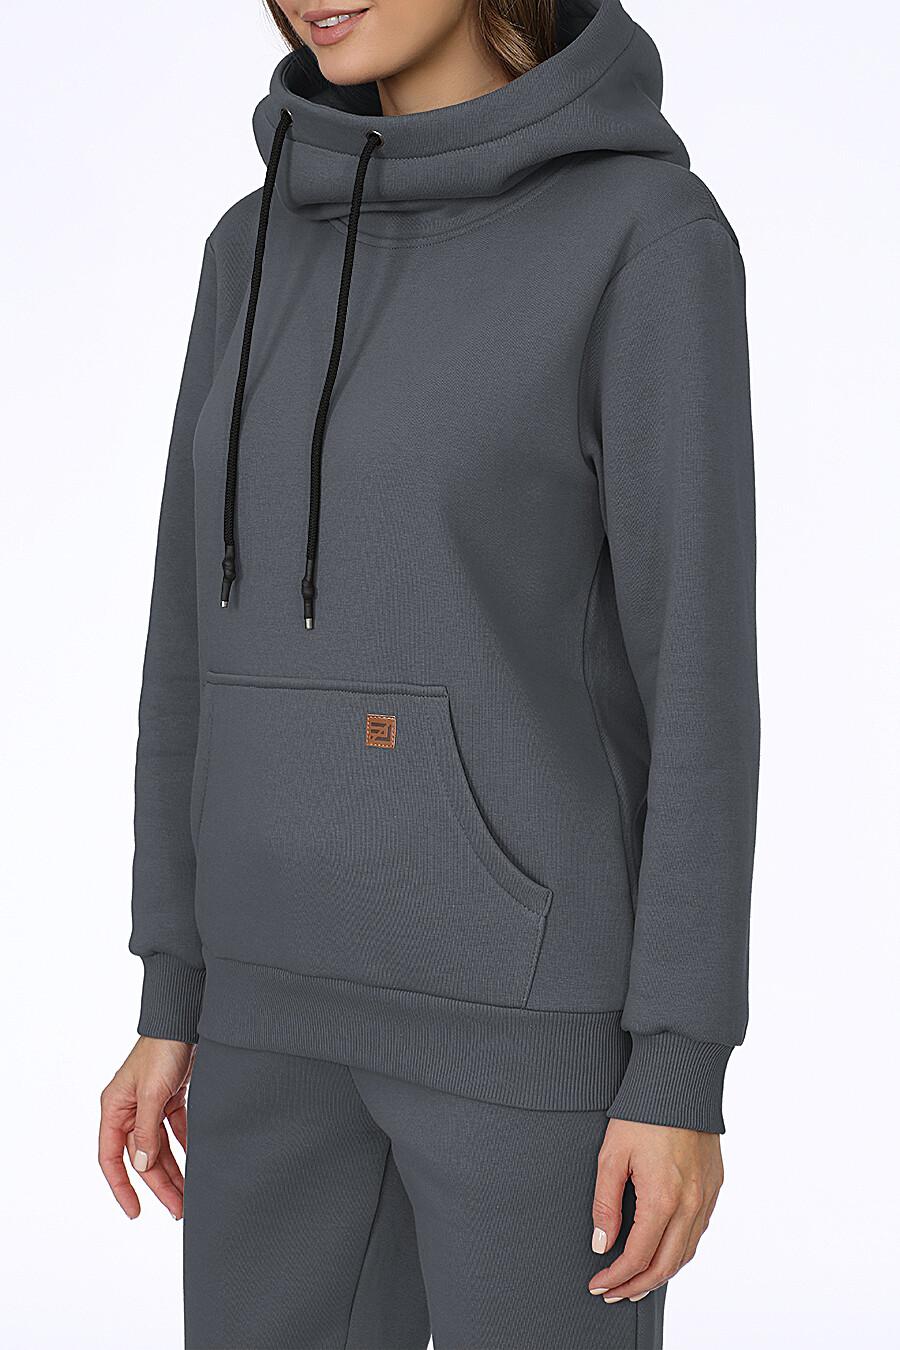 Худи для женщин EZANNA 707945 купить оптом от производителя. Совместная покупка женской одежды в OptMoyo